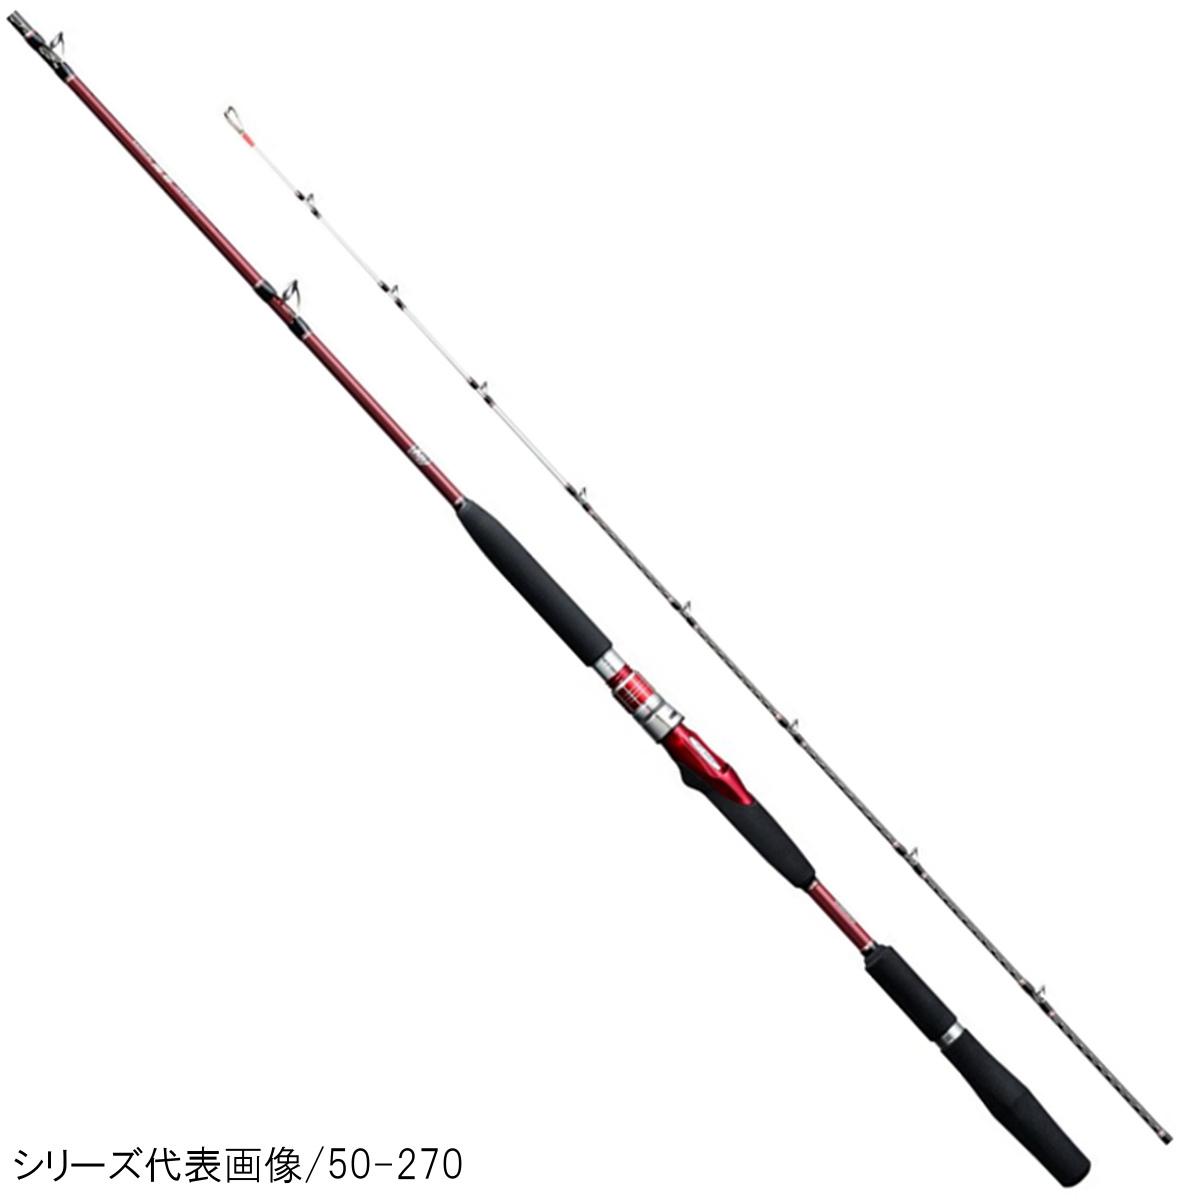 シマノ 海春 100-270【大型商品】